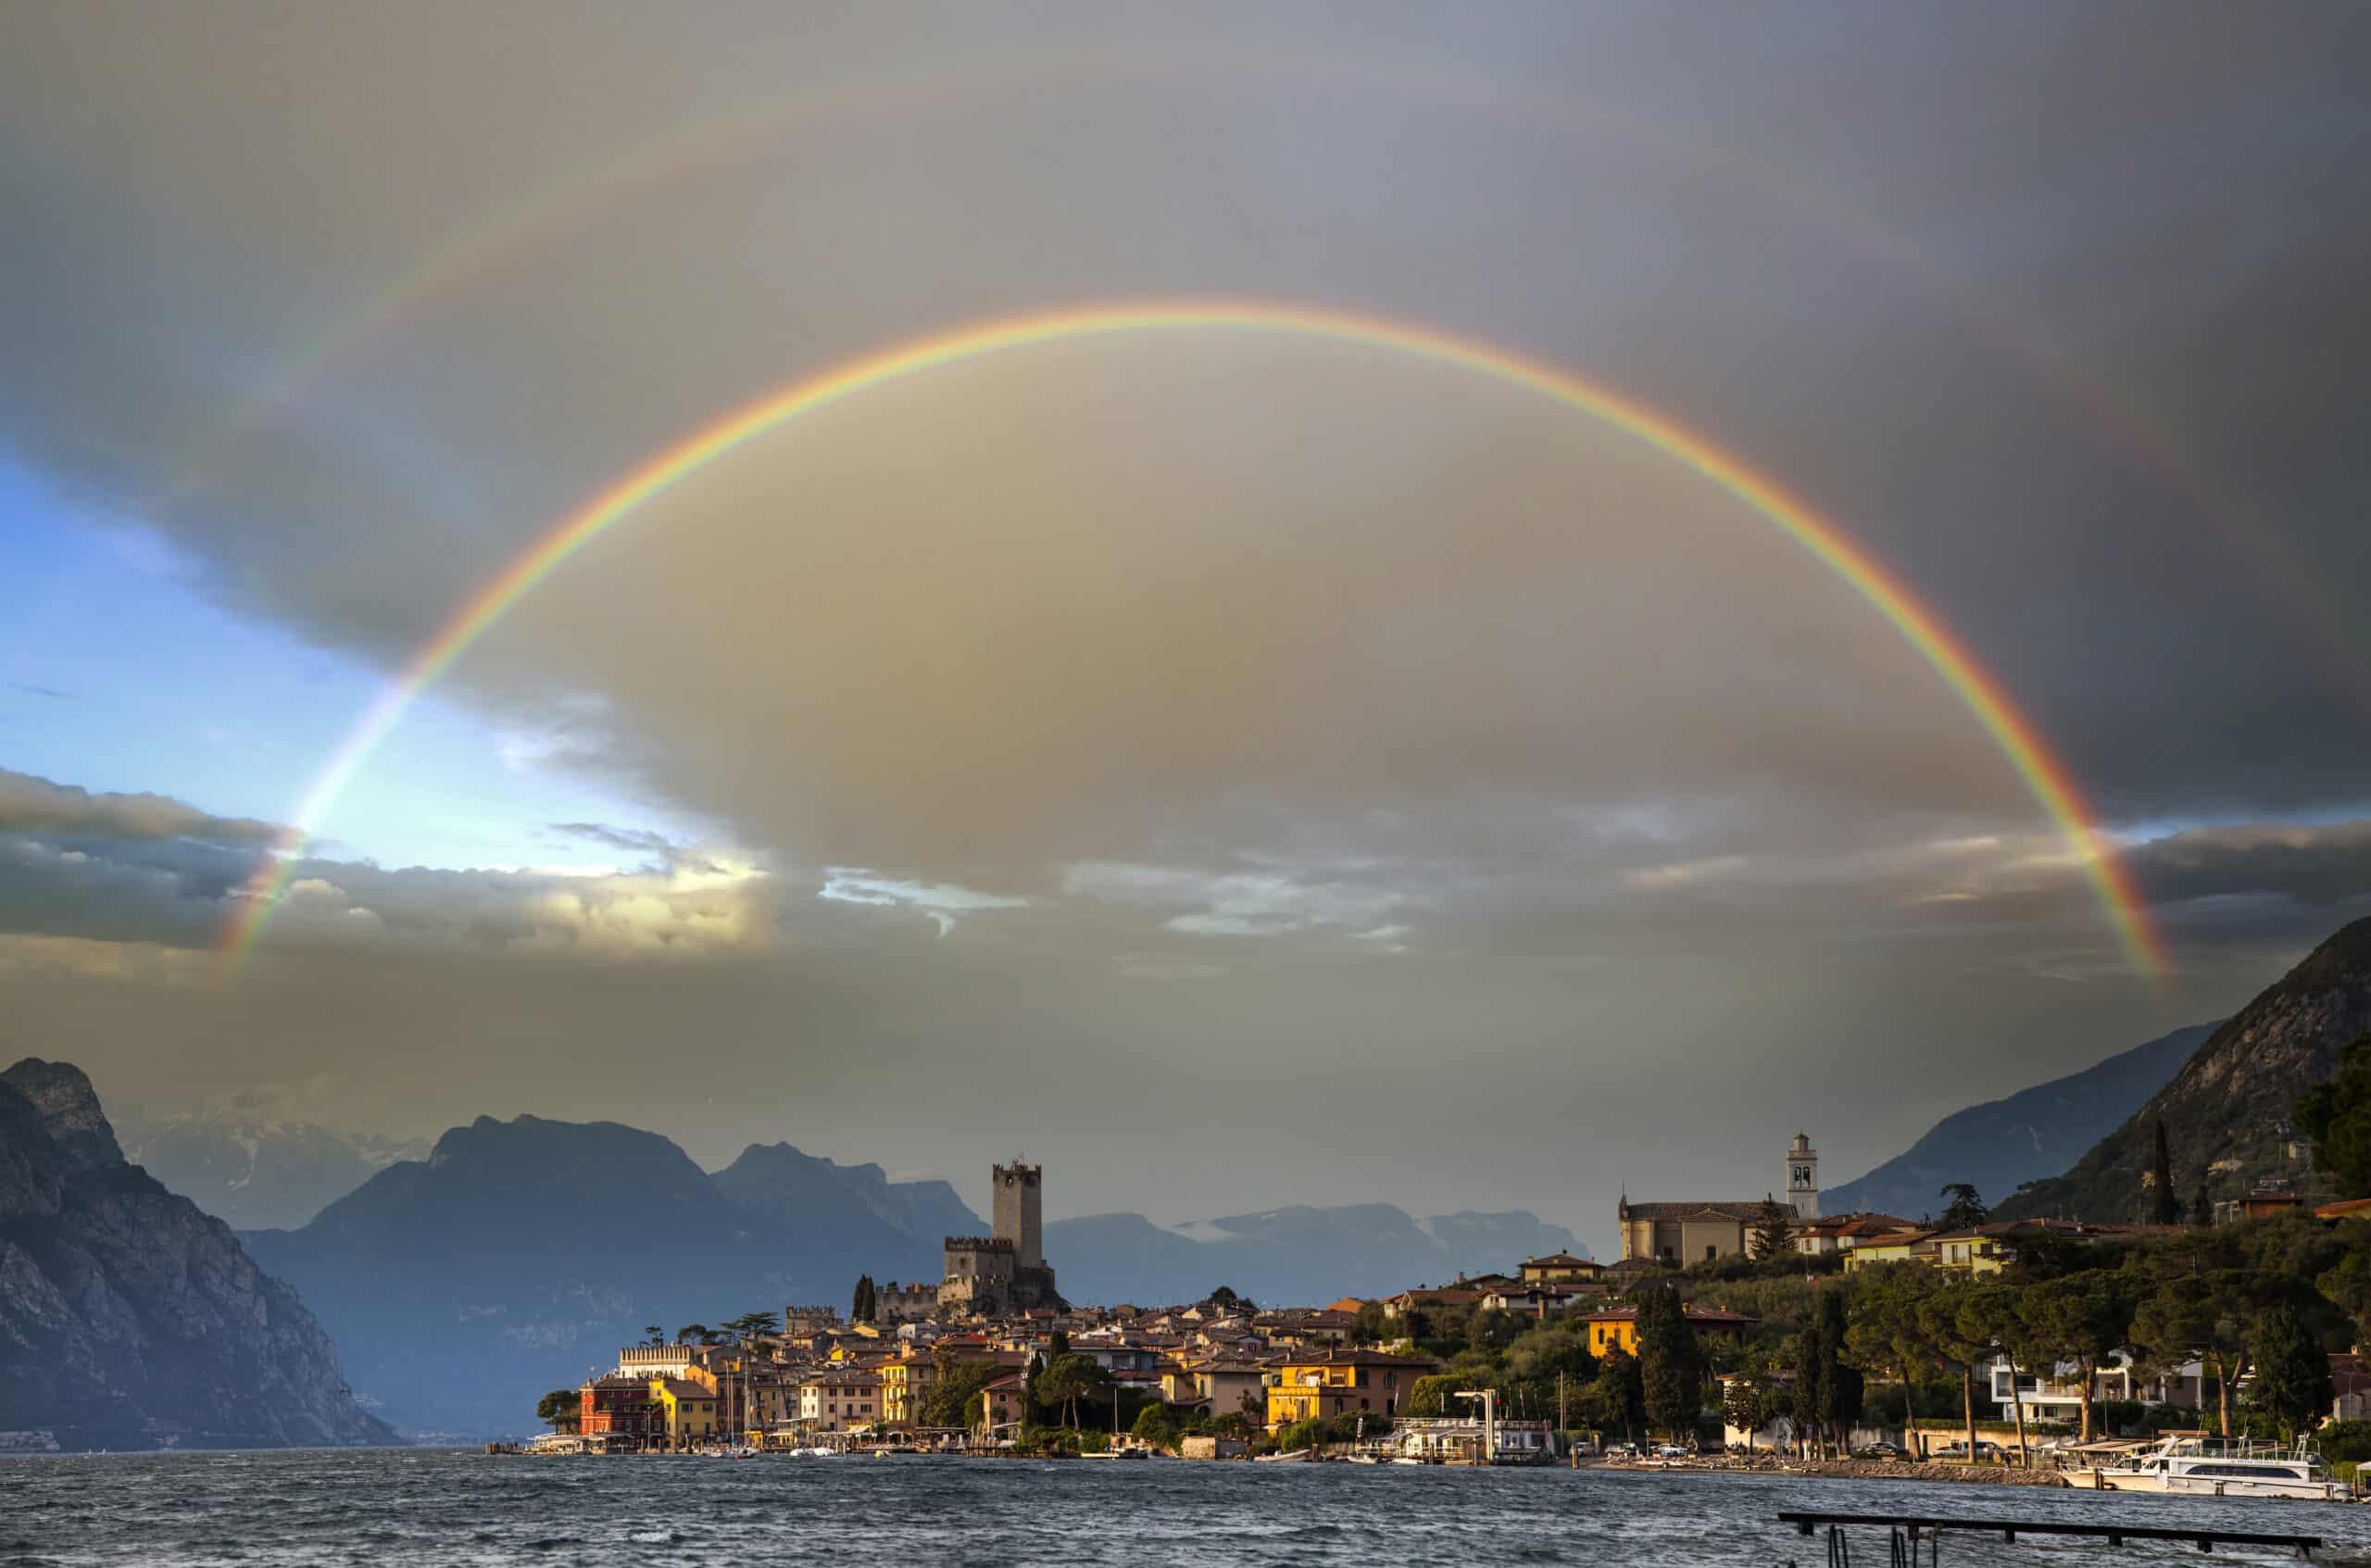 arcoiris forma de arco